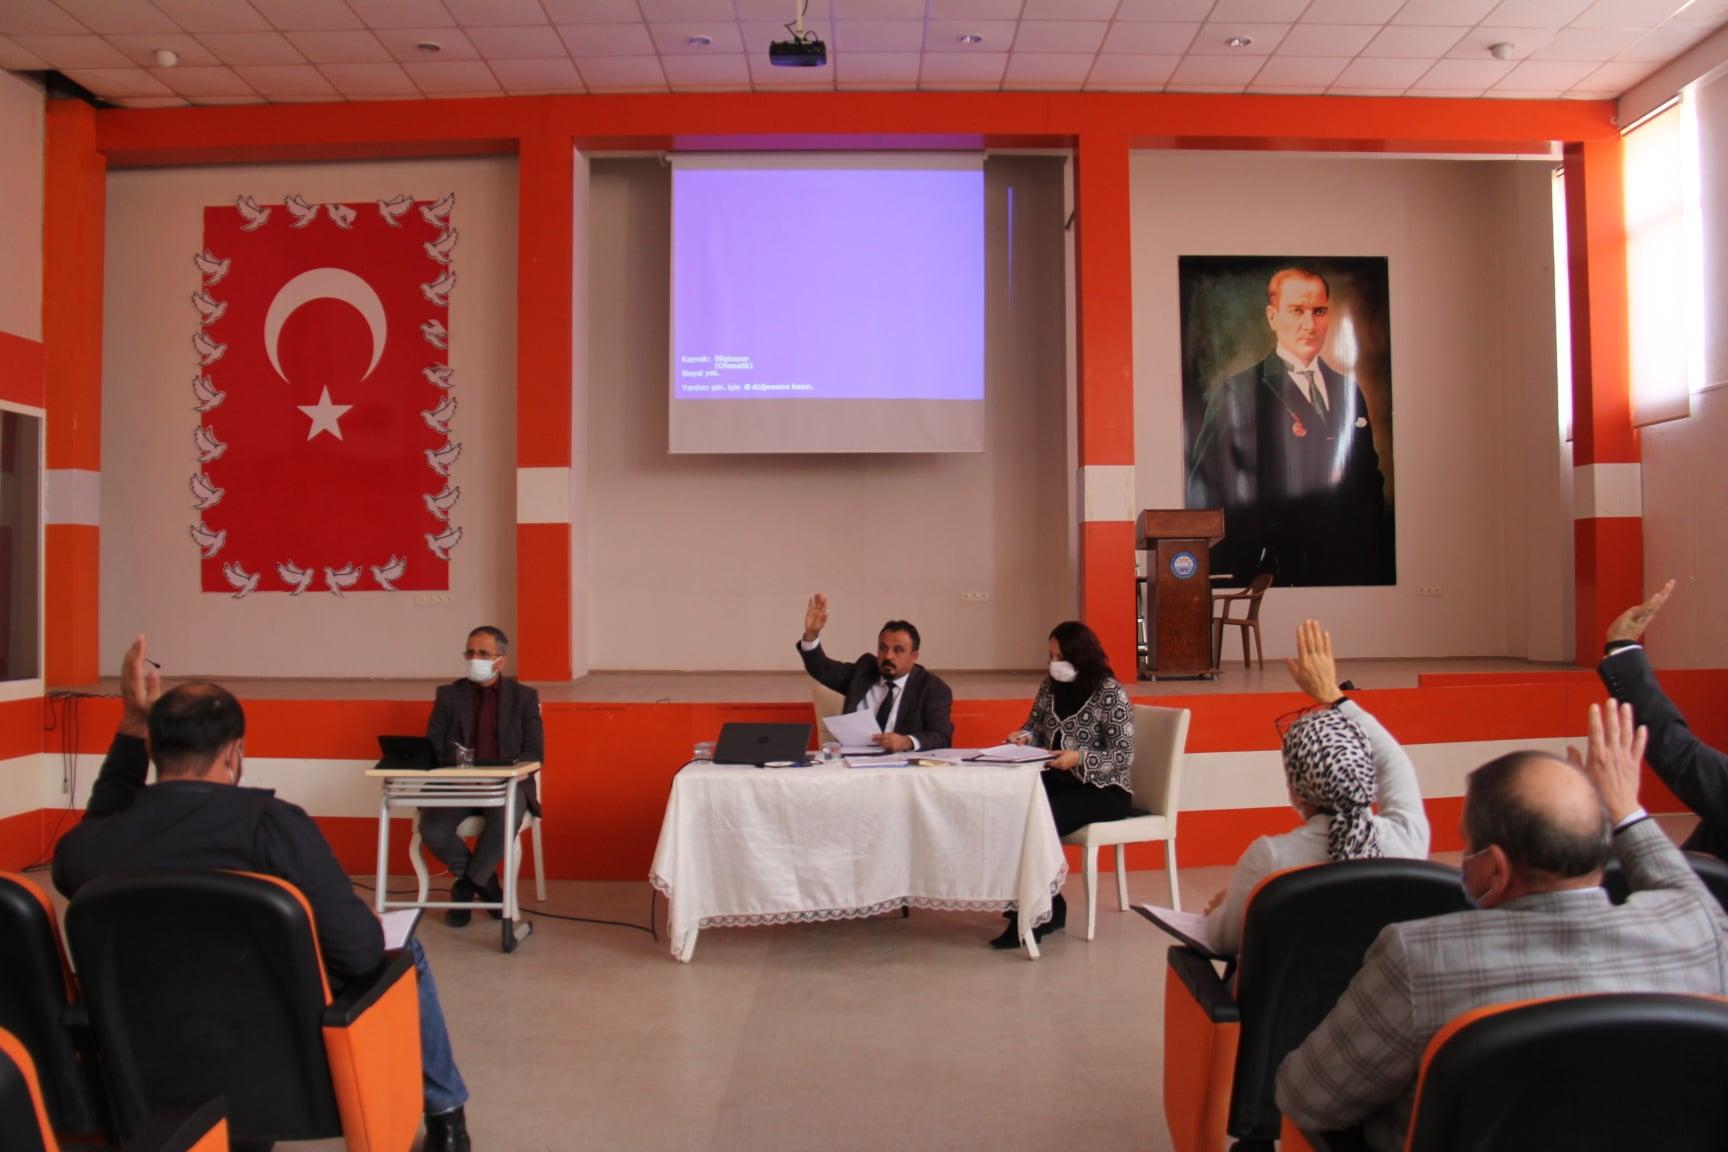 Belediyemiz Şubat Ayı Olağan Meclis Toplantısı Belediye Başkanımız Sn. Özay Türkler Başkanlığında Toplandı